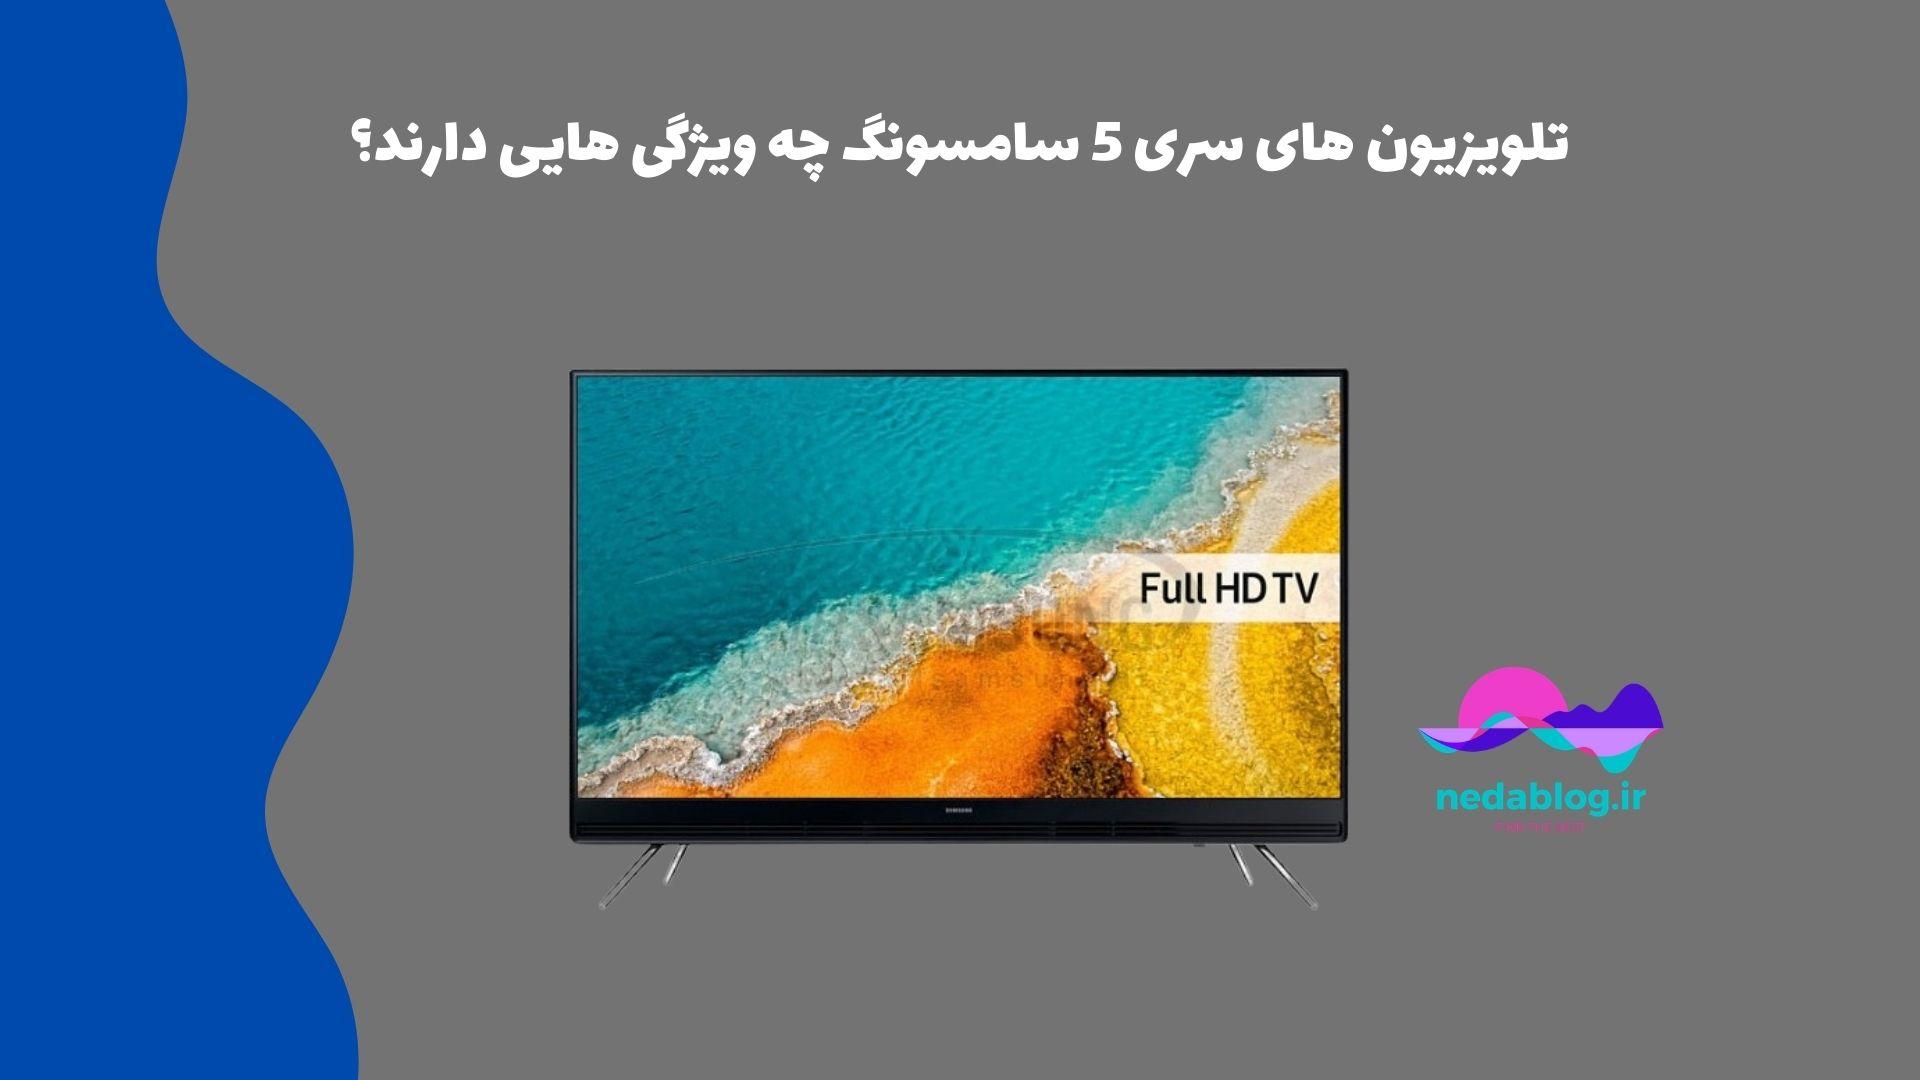 تلویزیون های سری 5 سامسونگ چه ویژگی هایی دارند؟